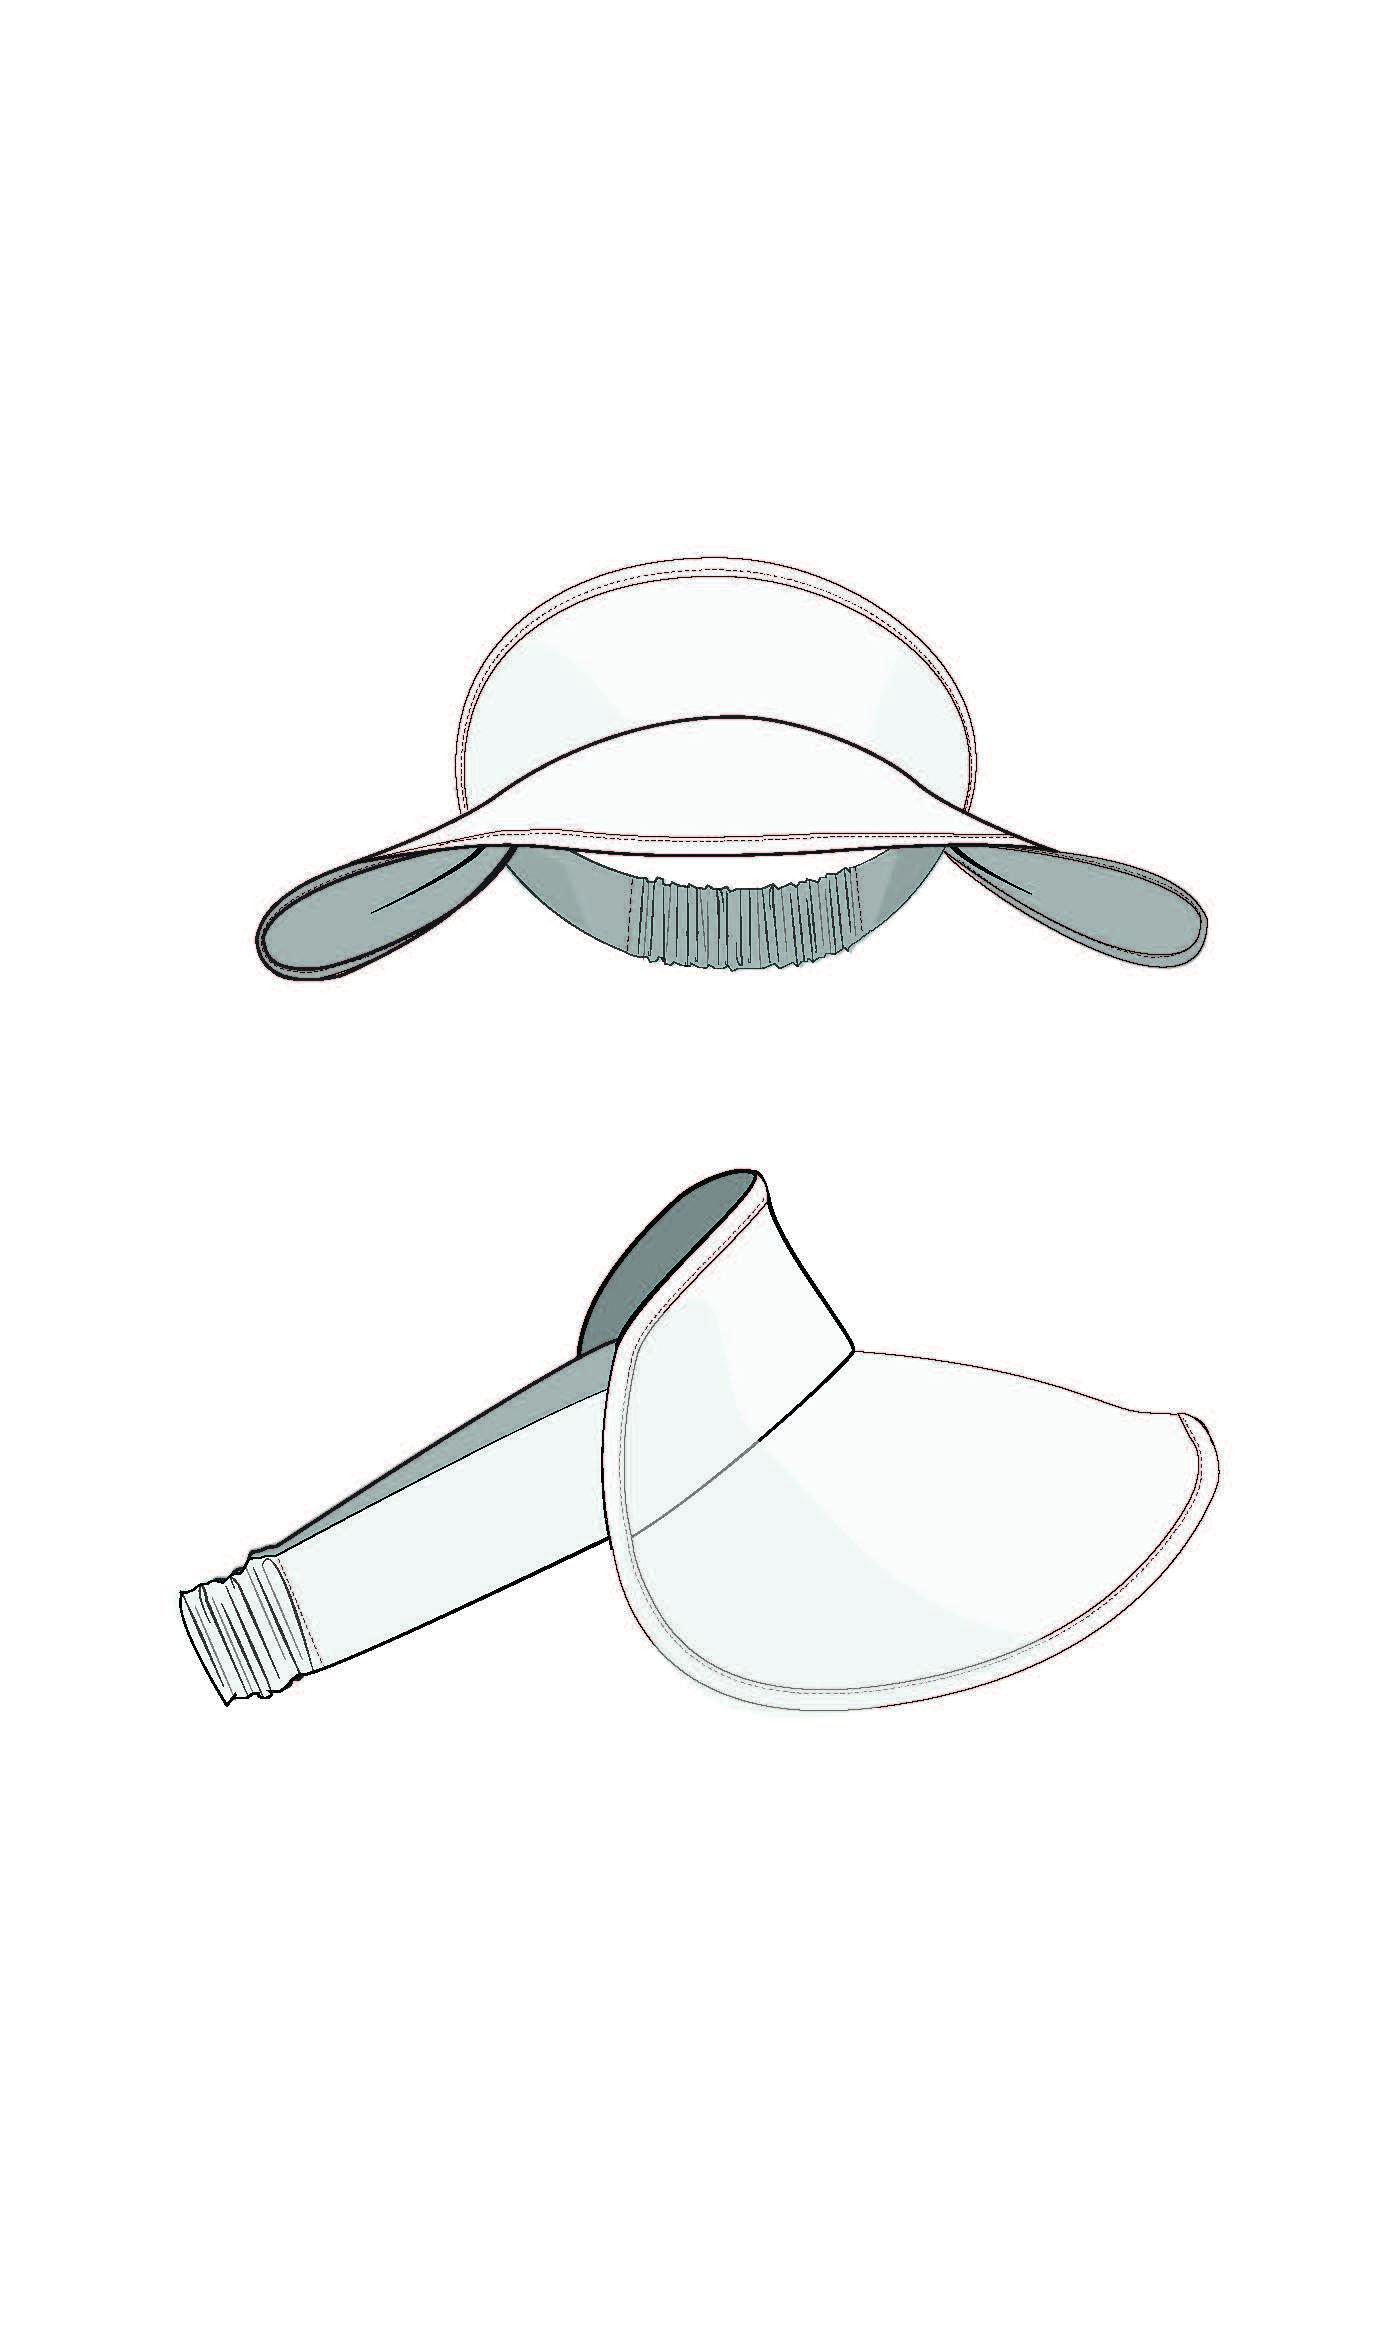 Lucent Visor Pdf The Foldline Drawing Hats Fashion Design Sketches Visor